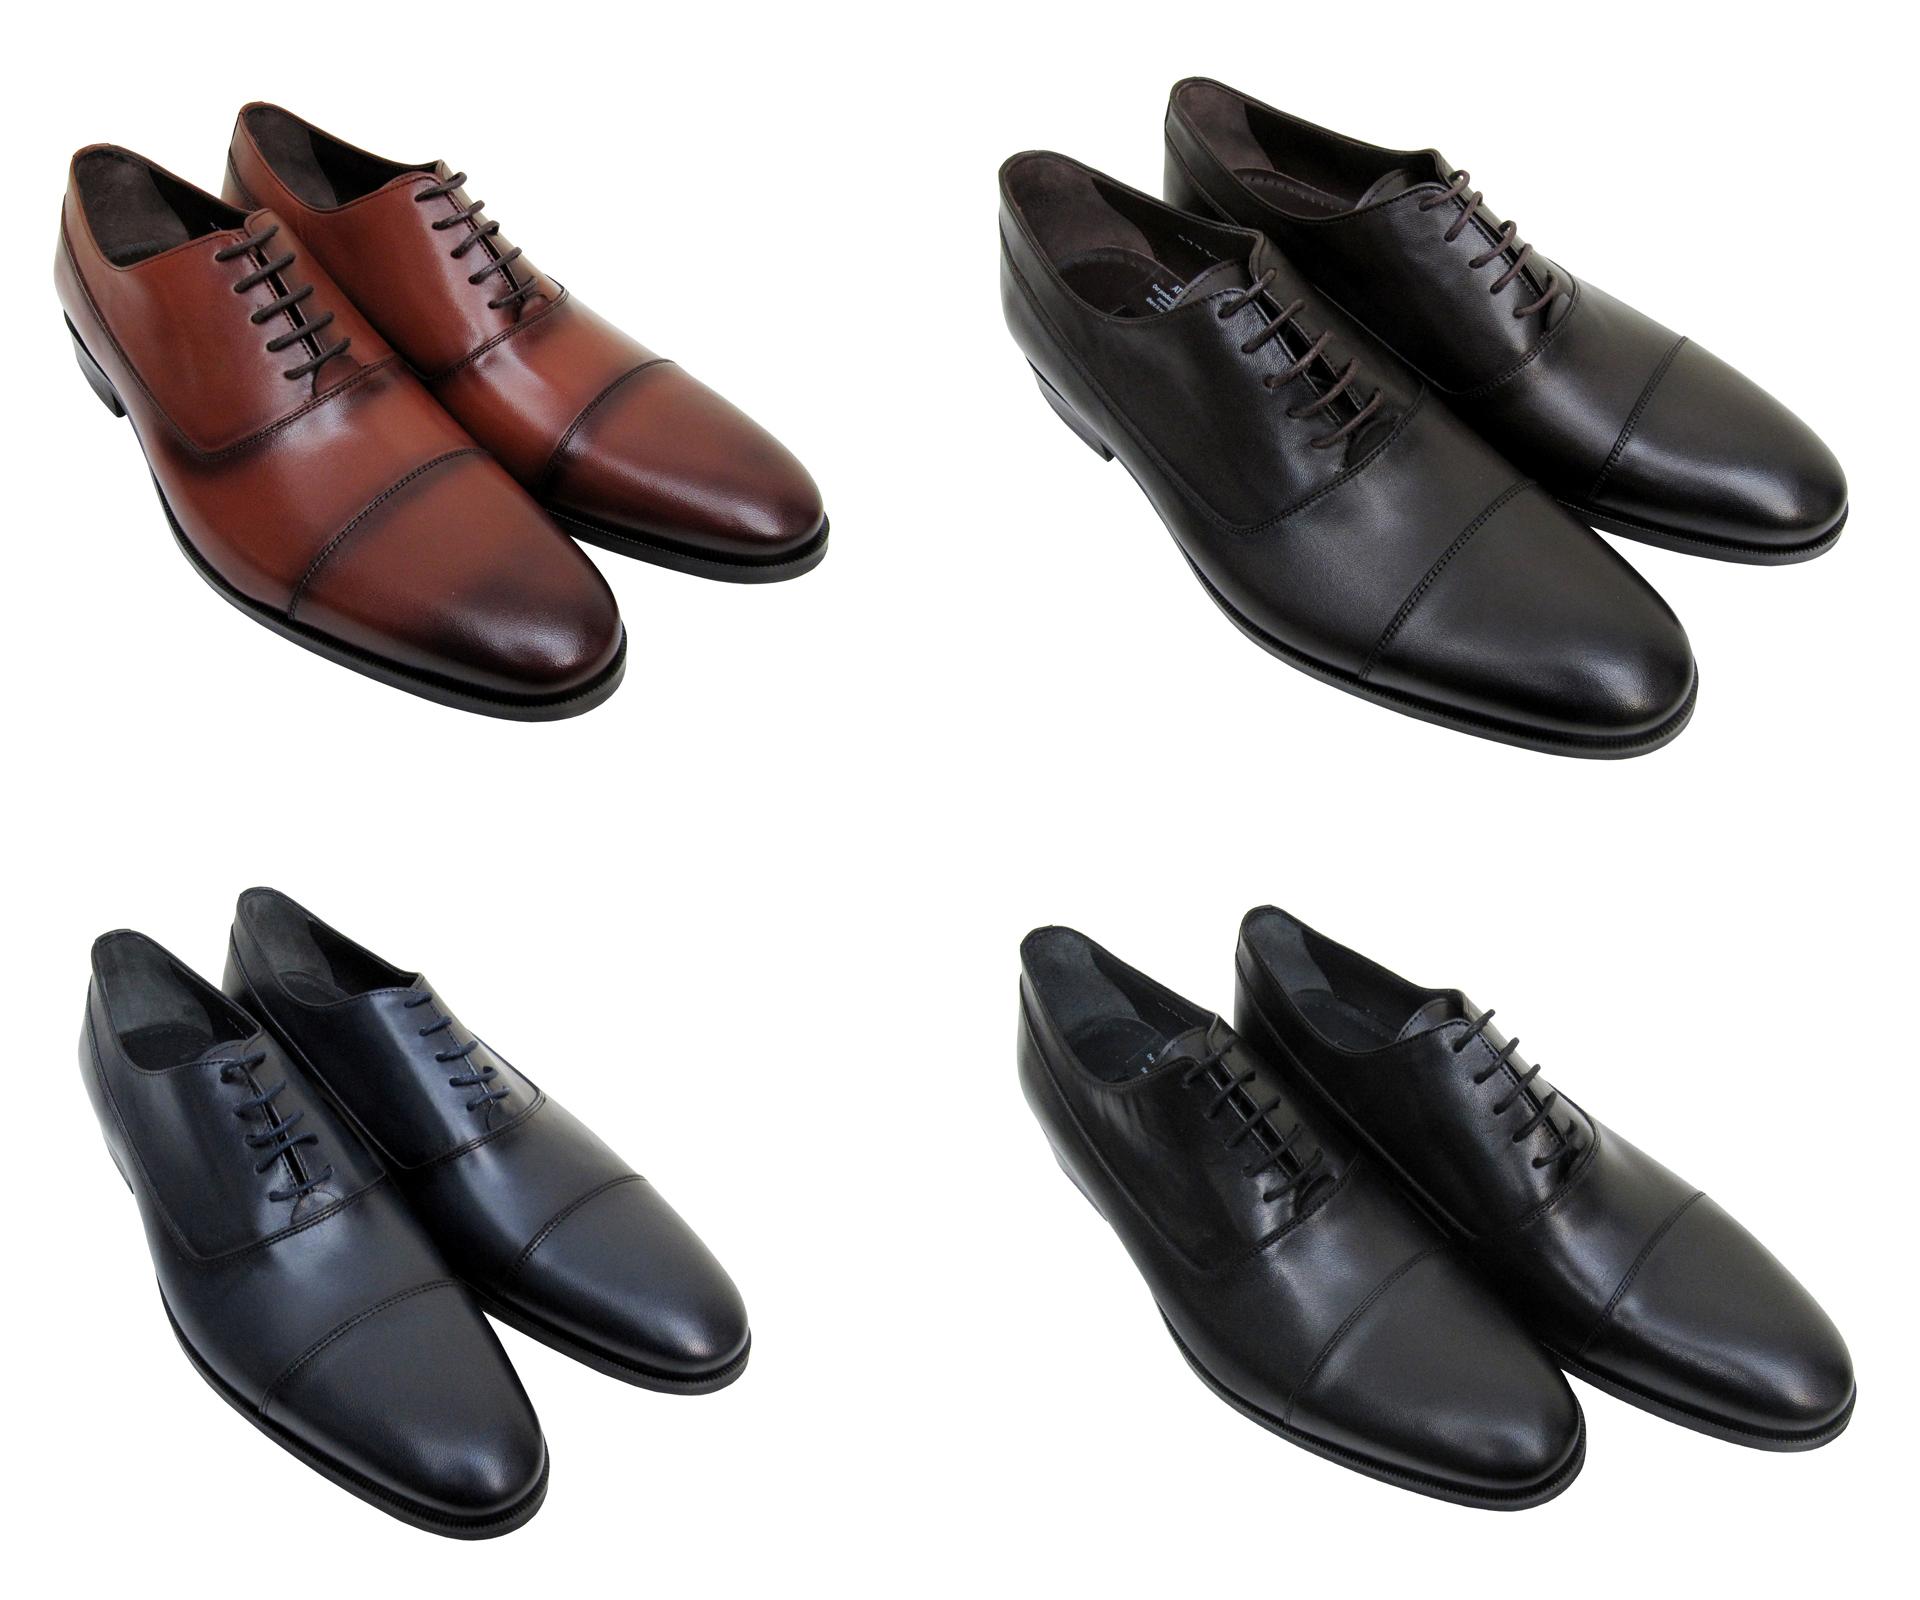 8234e3e71e6534 Elegante Herren Leder Schuhe Muga 5793